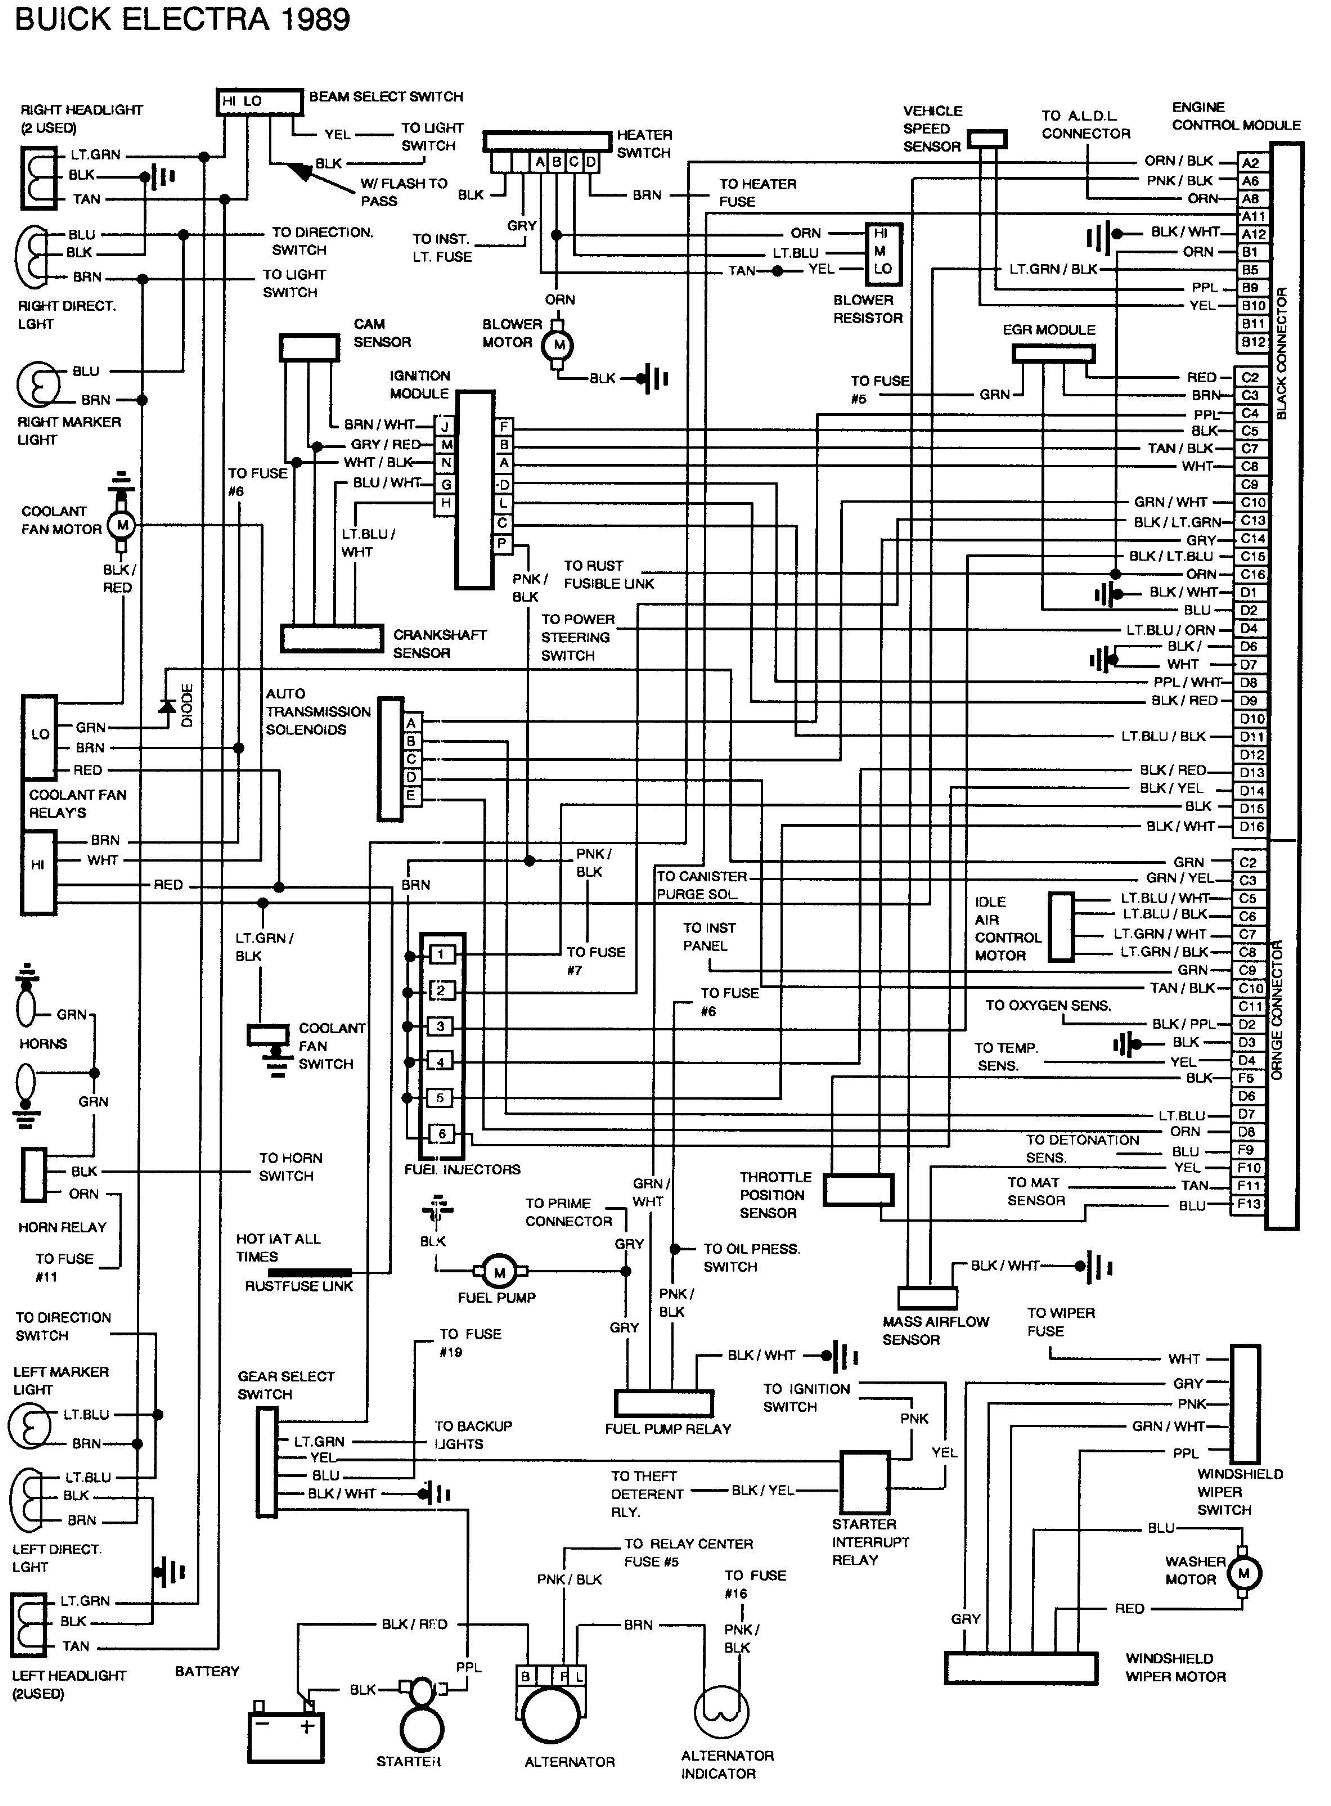 1999 Buick Lesabre Relay Diagram